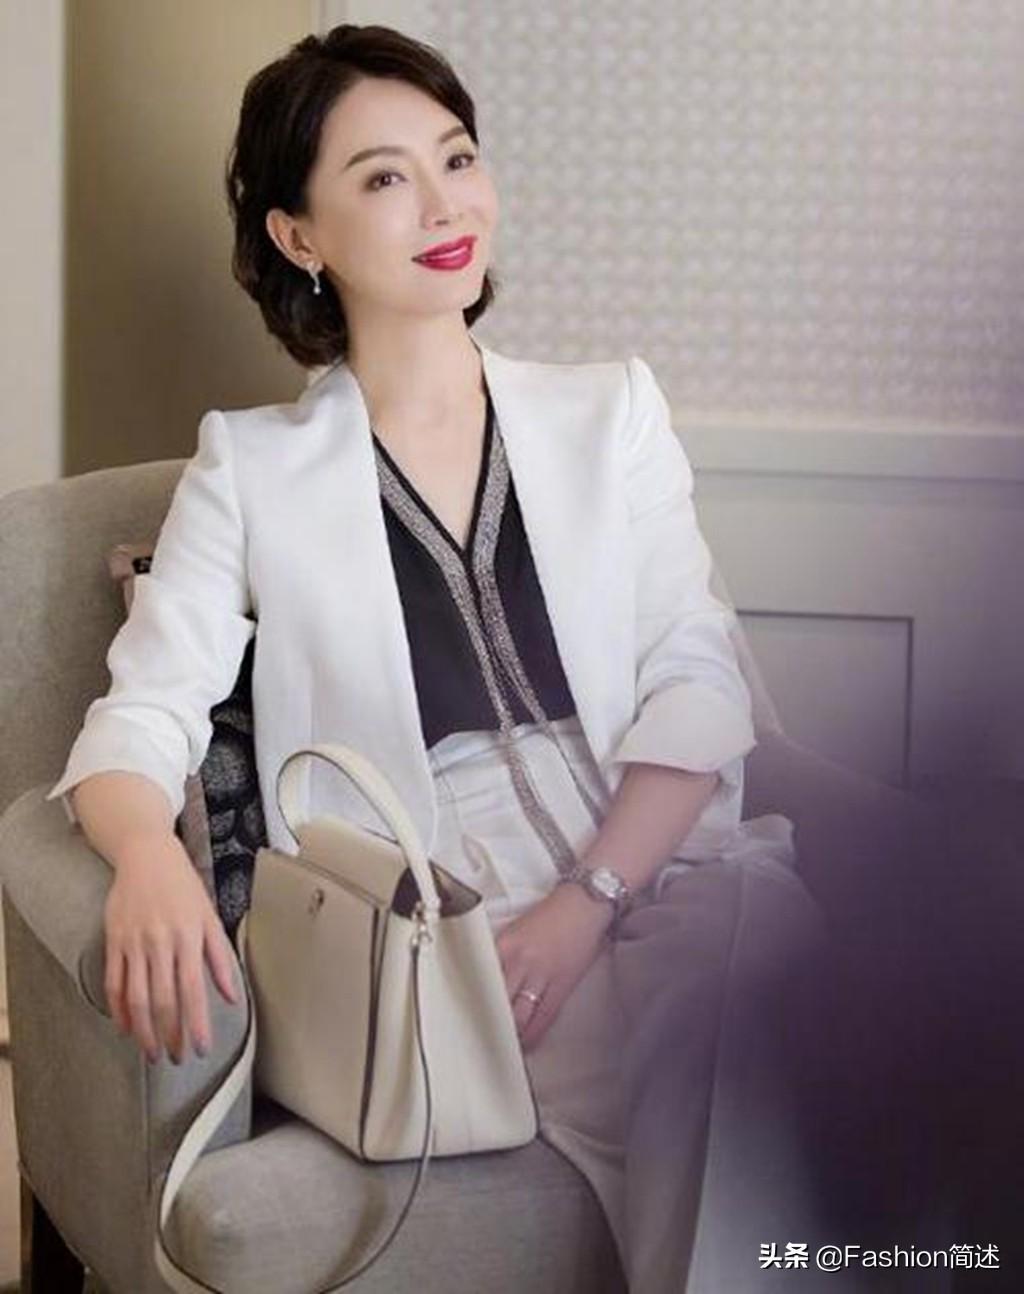 40岁以上女性讲究的是知性美,陈数的西装,田海蓉的礼服当仁不让